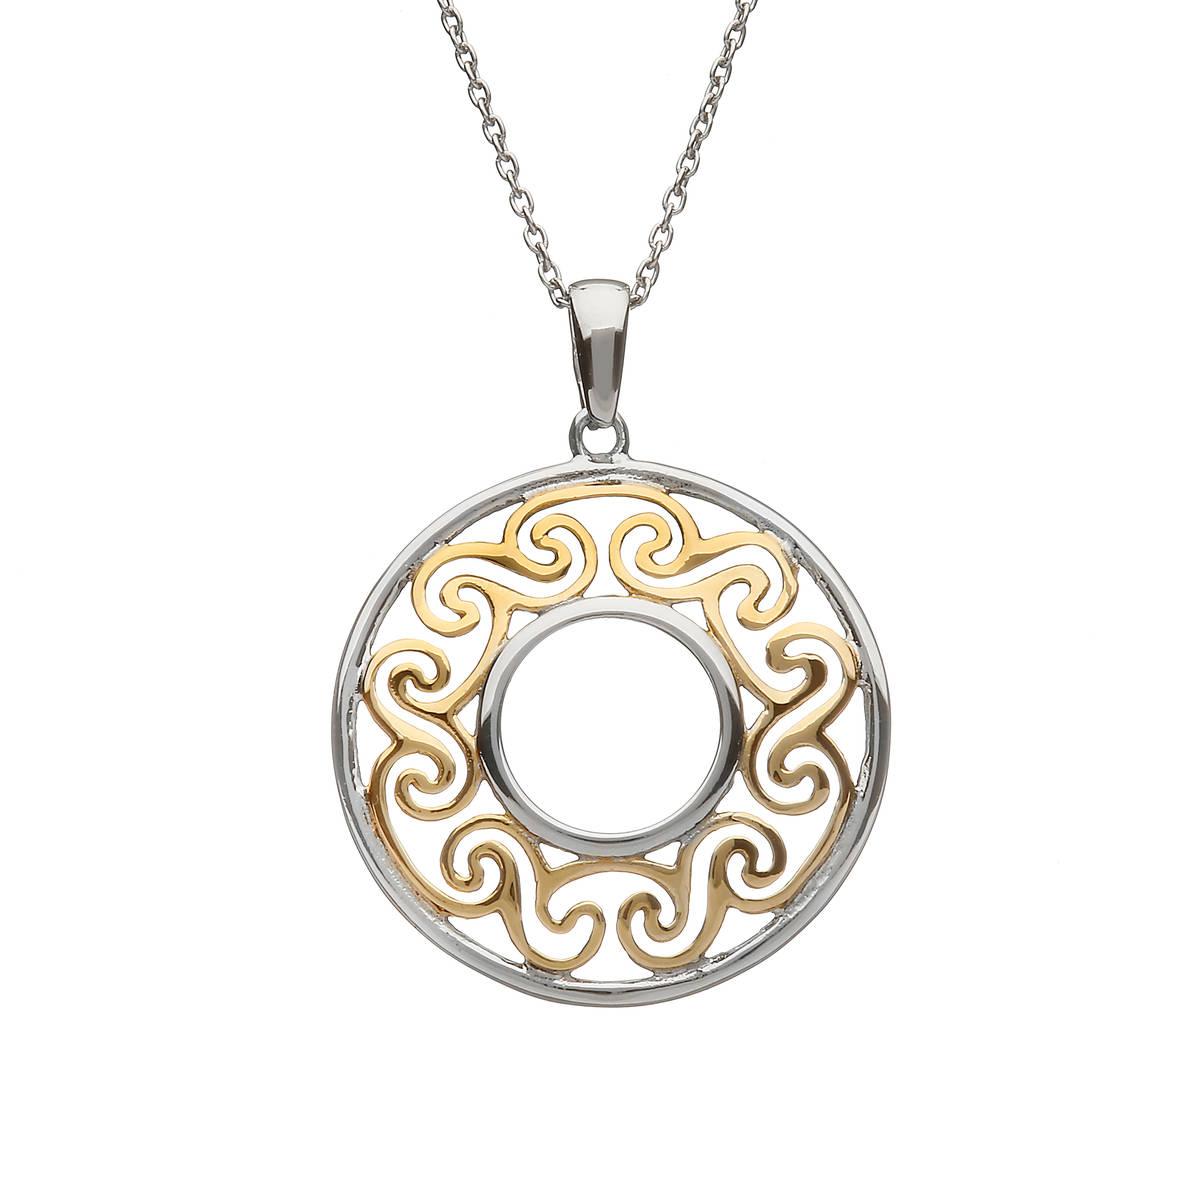 Silver/gp Celtic Filigree Round Pendant